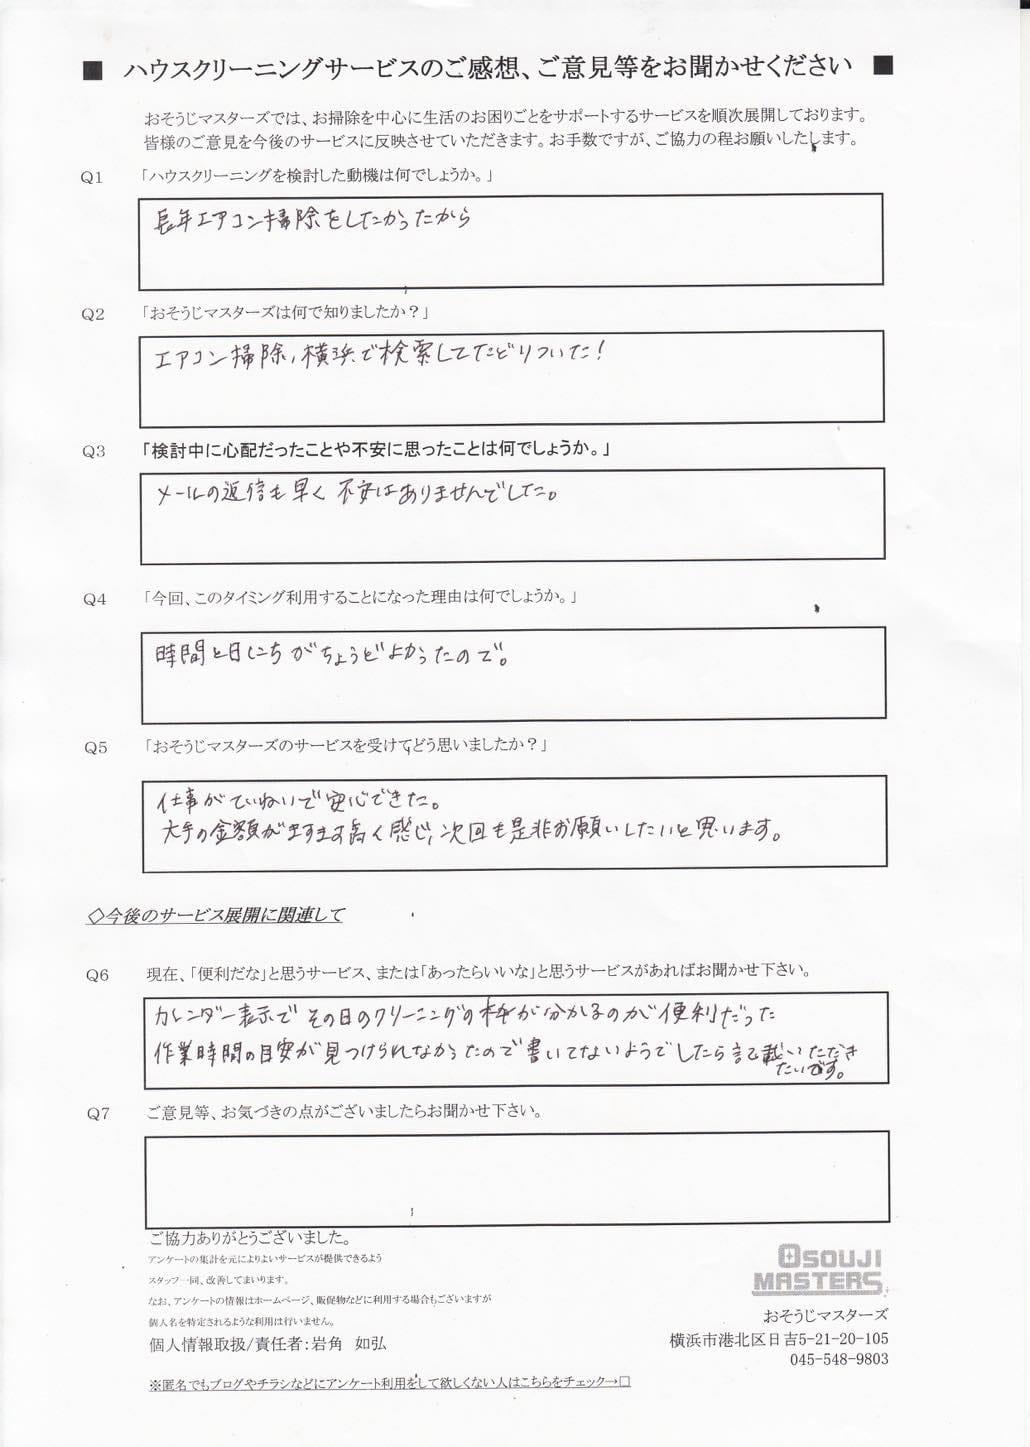 2015/07/27 エアコンクリーニング 横浜市栄区